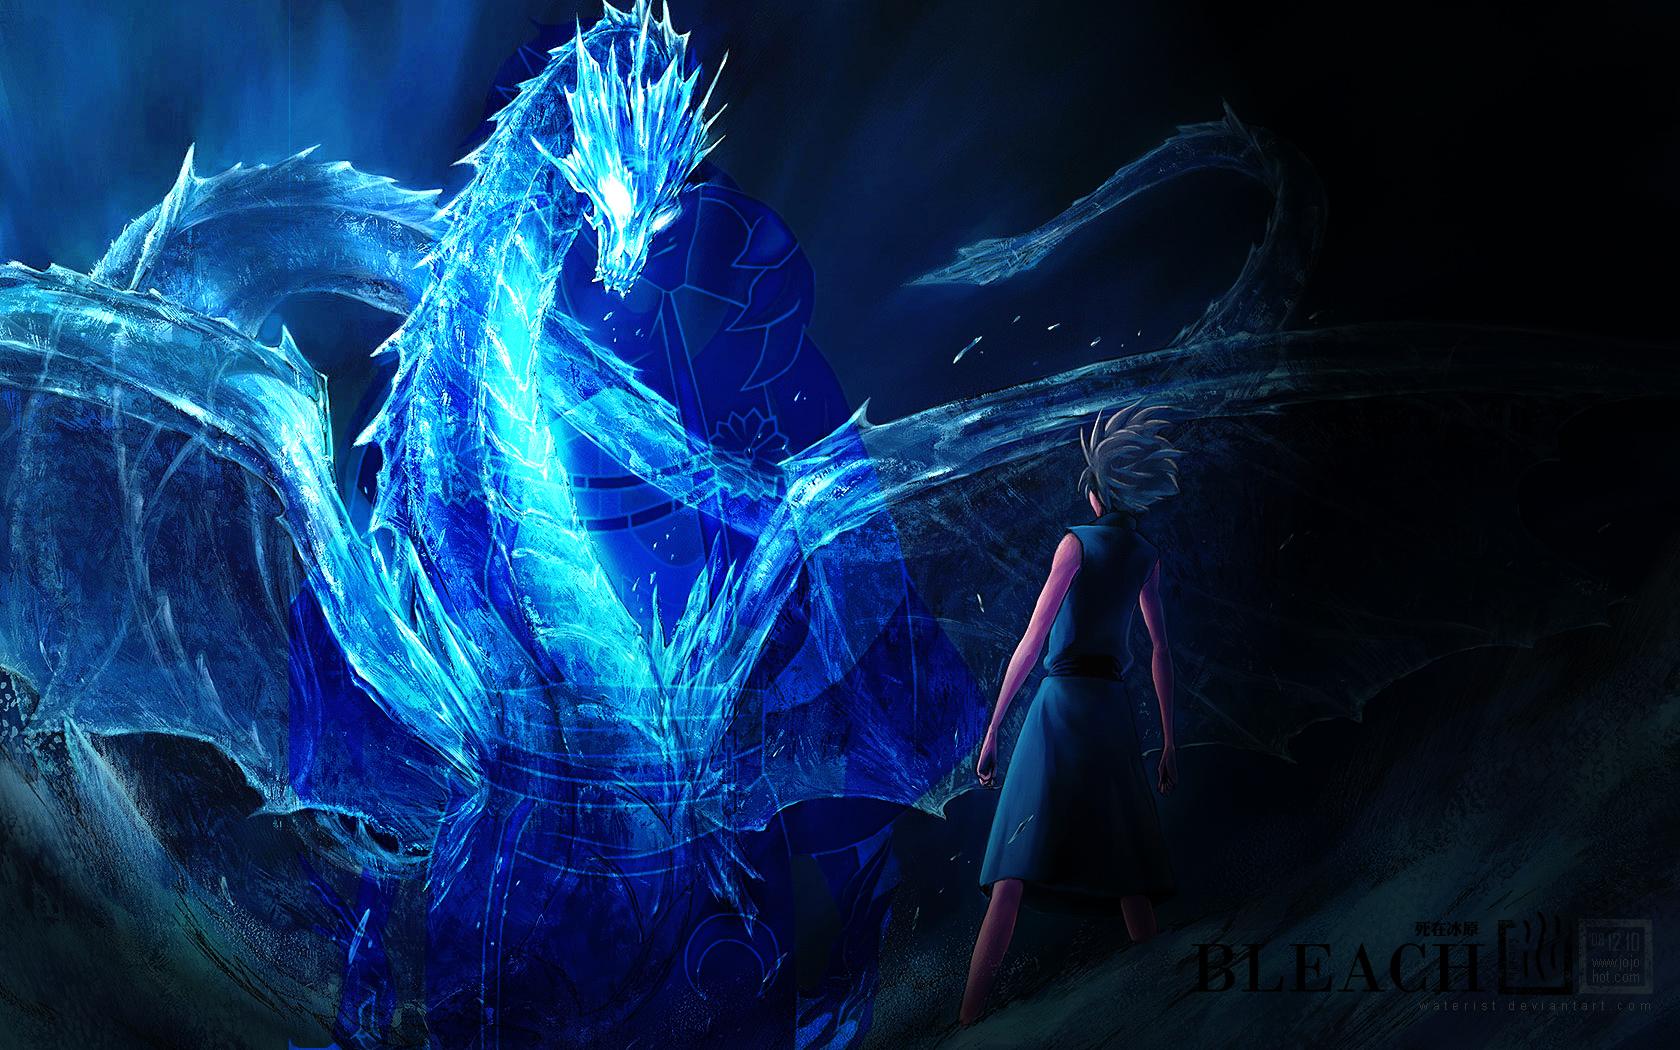 Dragon Wallpaper 1080p